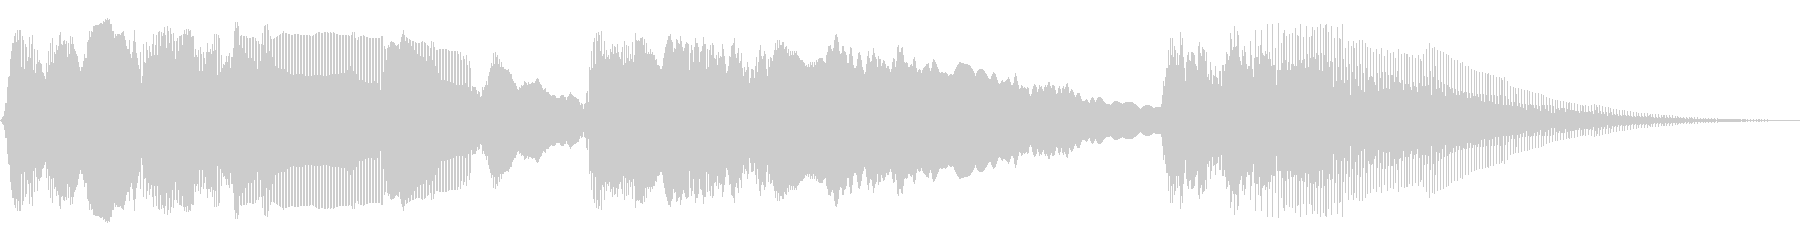 パワーバンドスイープ2の未再生の波形